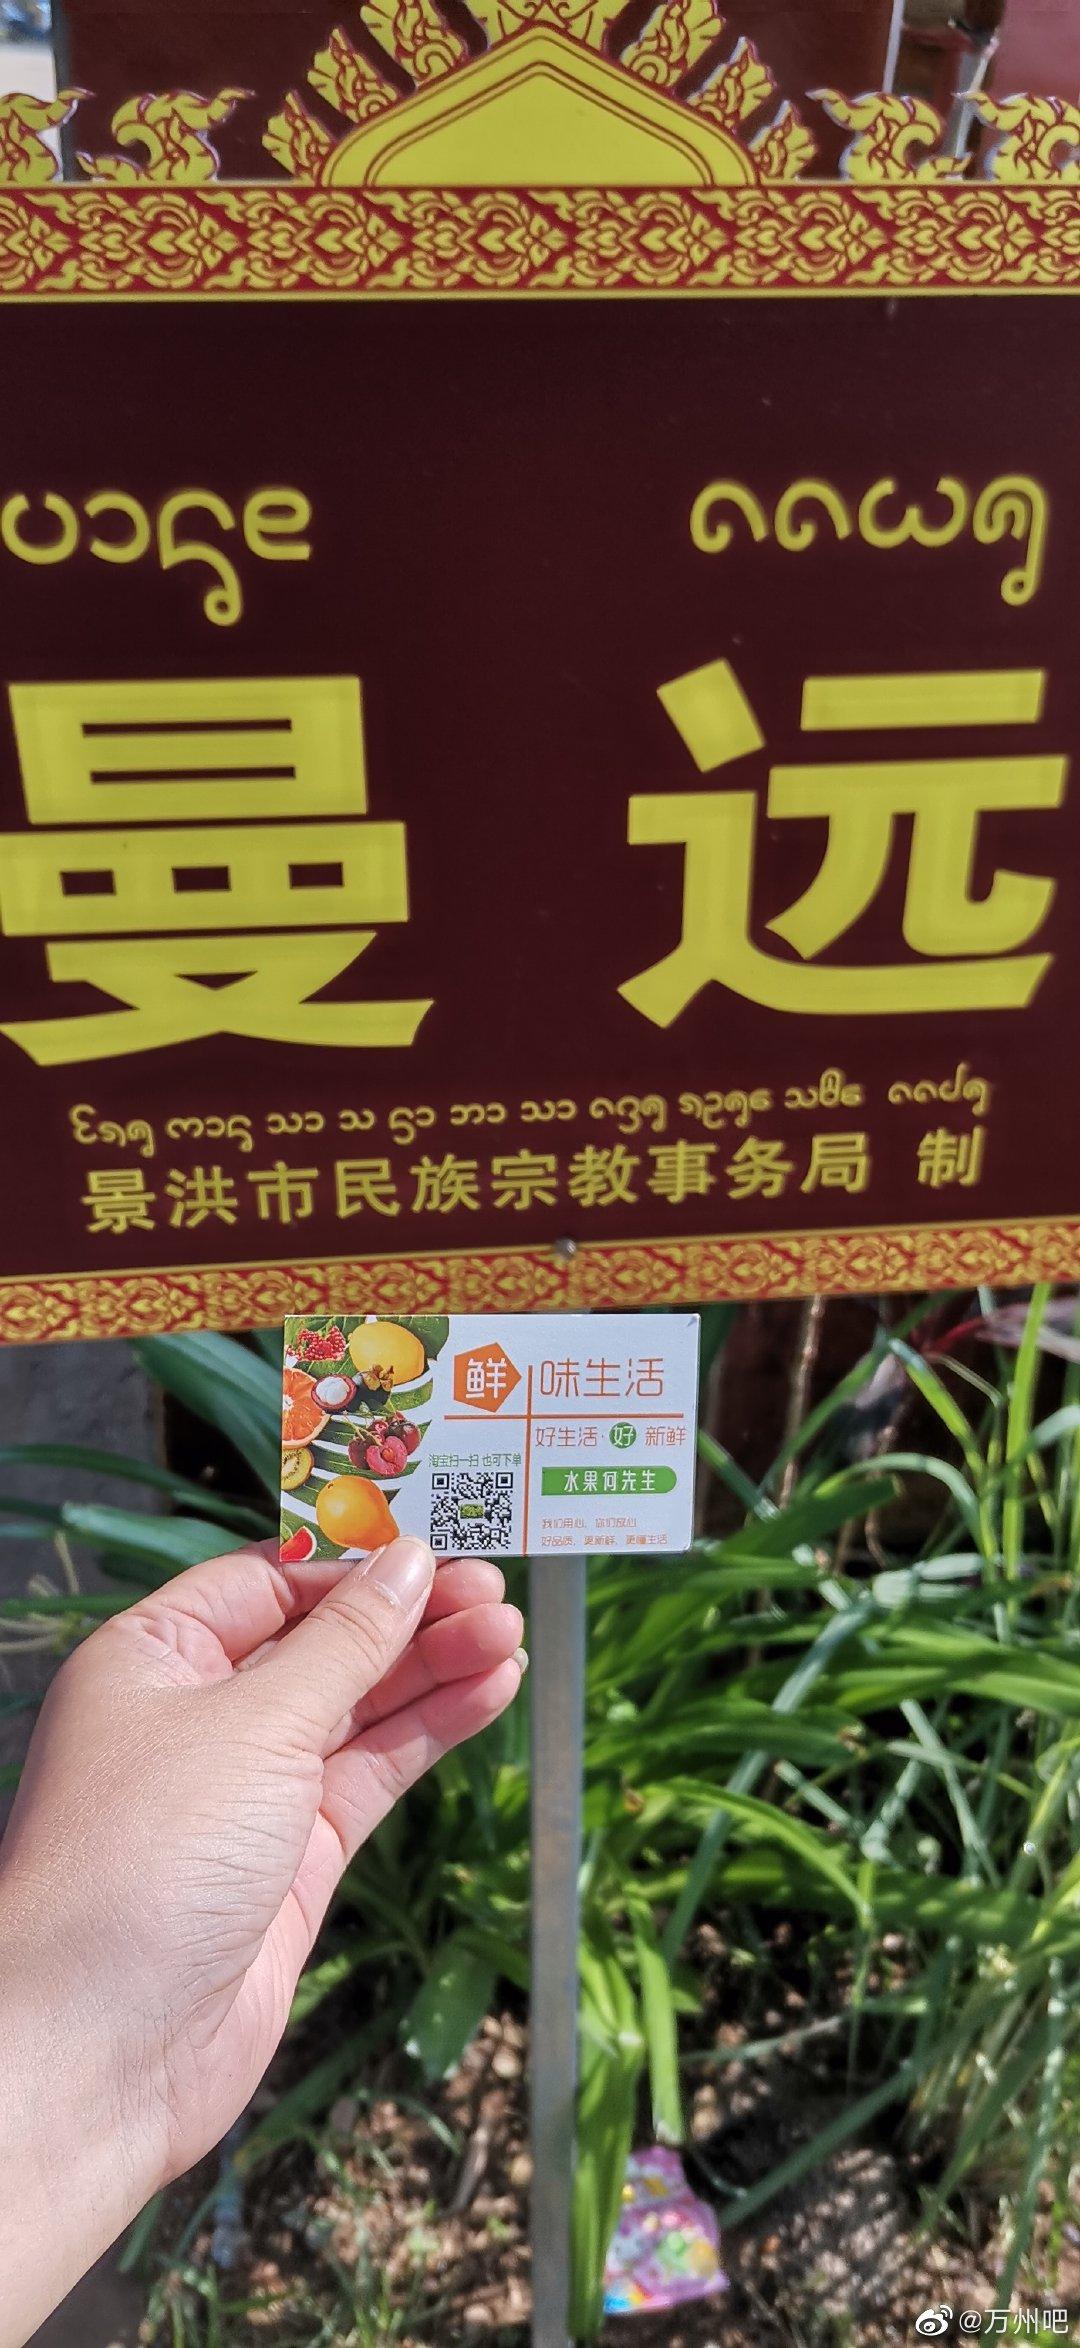 《往生》带火版纳特产水果 万州小伙网店销量暴涨400多单